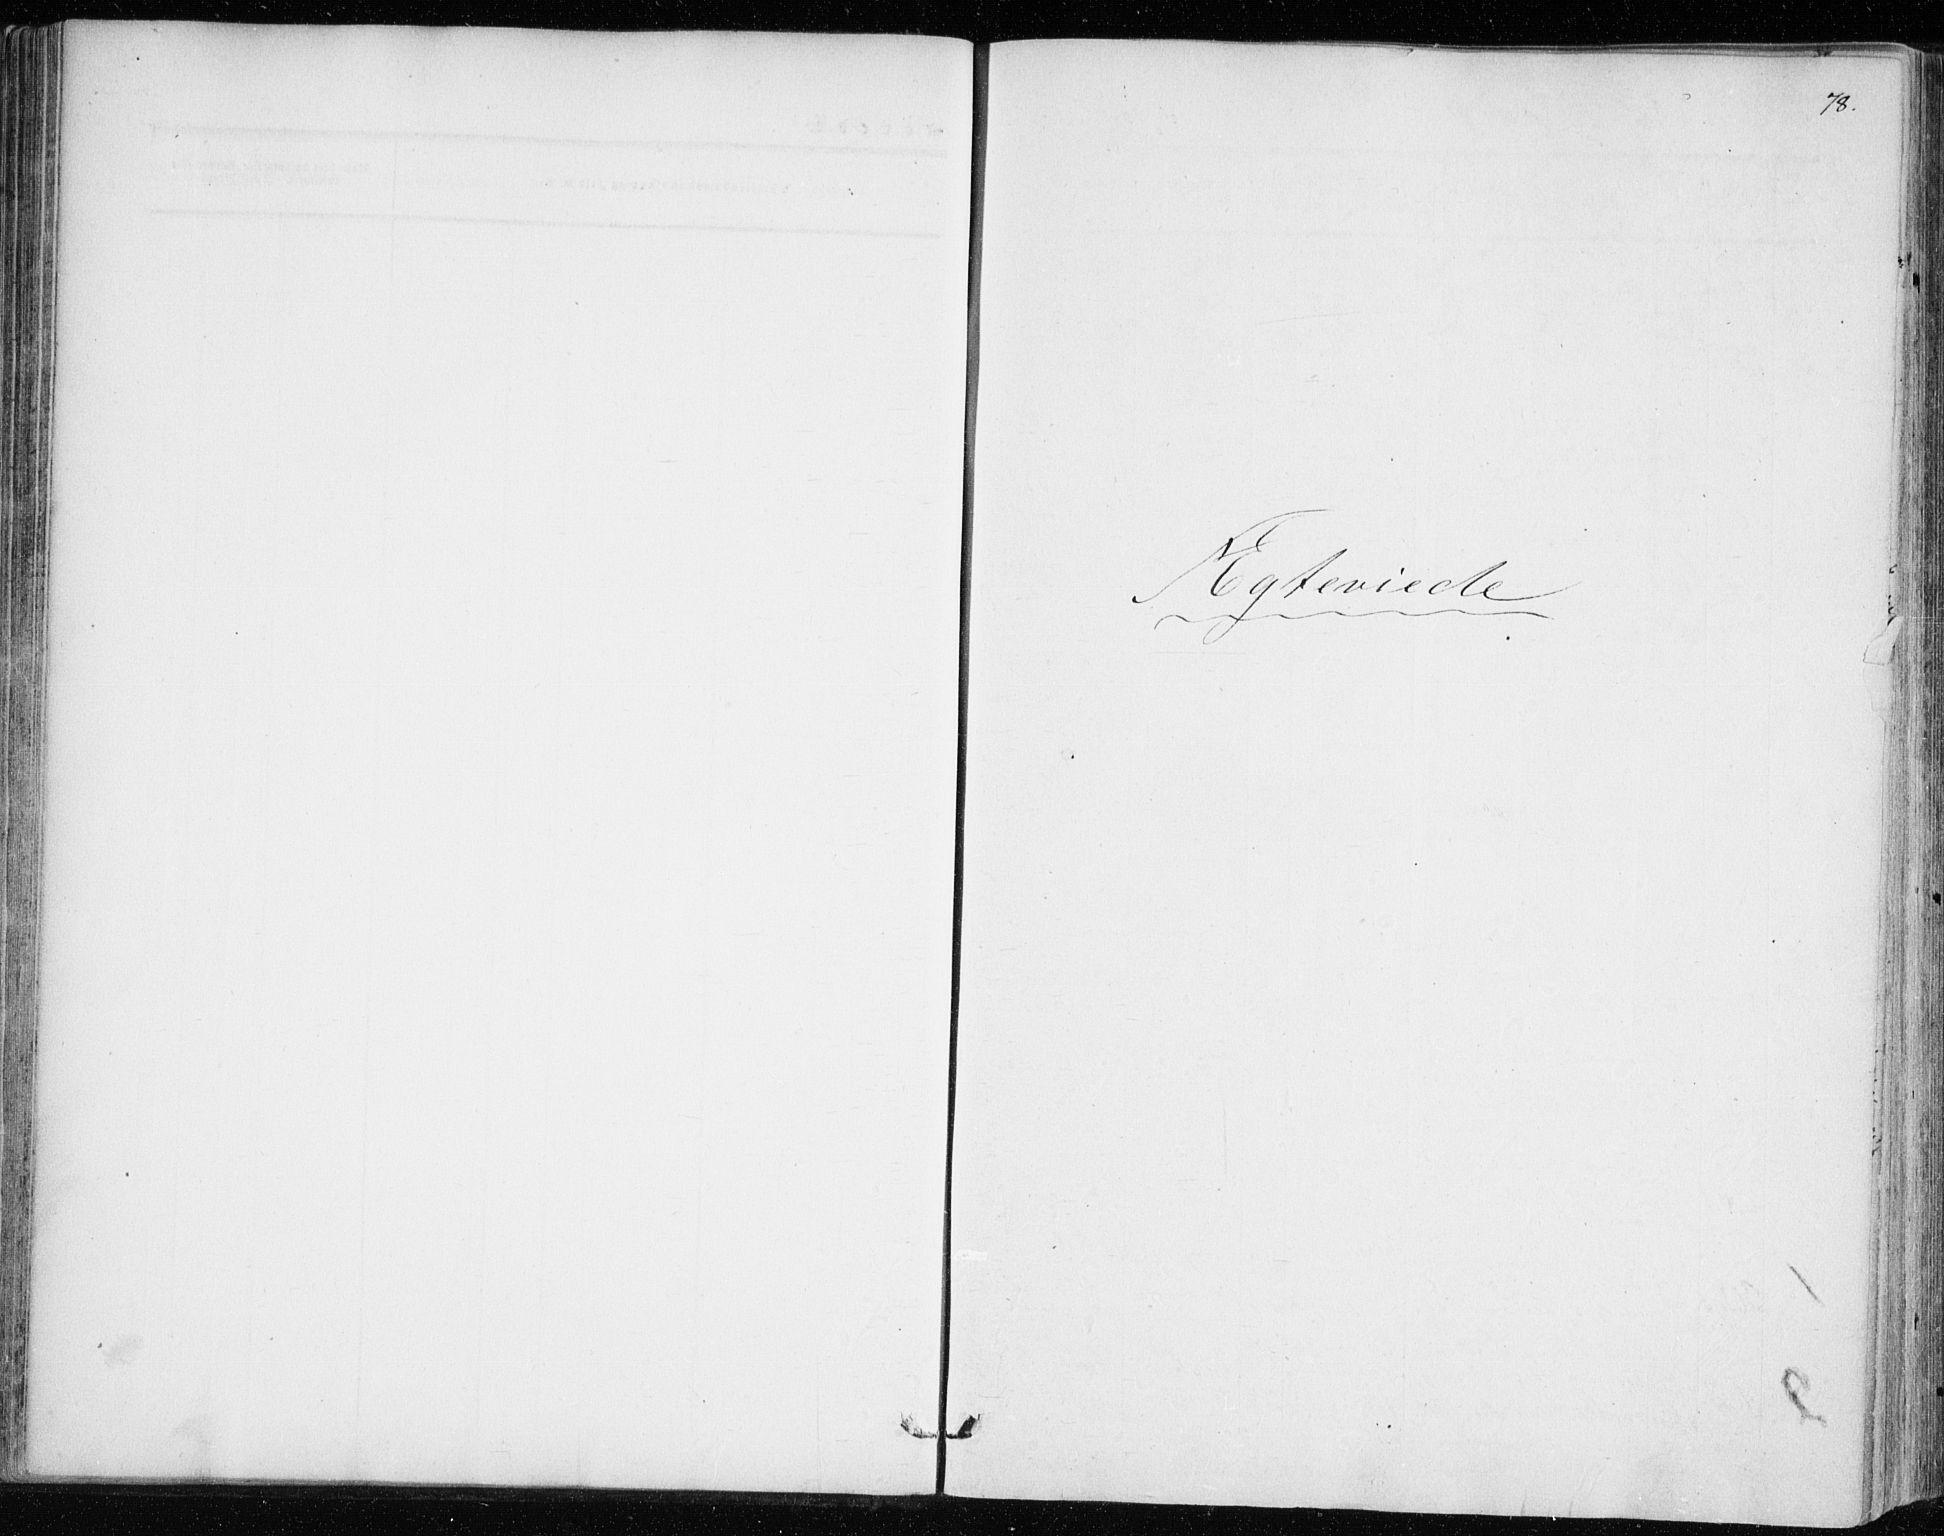 SATØ, Balsfjord sokneprestembete, Ministerialbok nr. 1, 1858-1870, s. 78